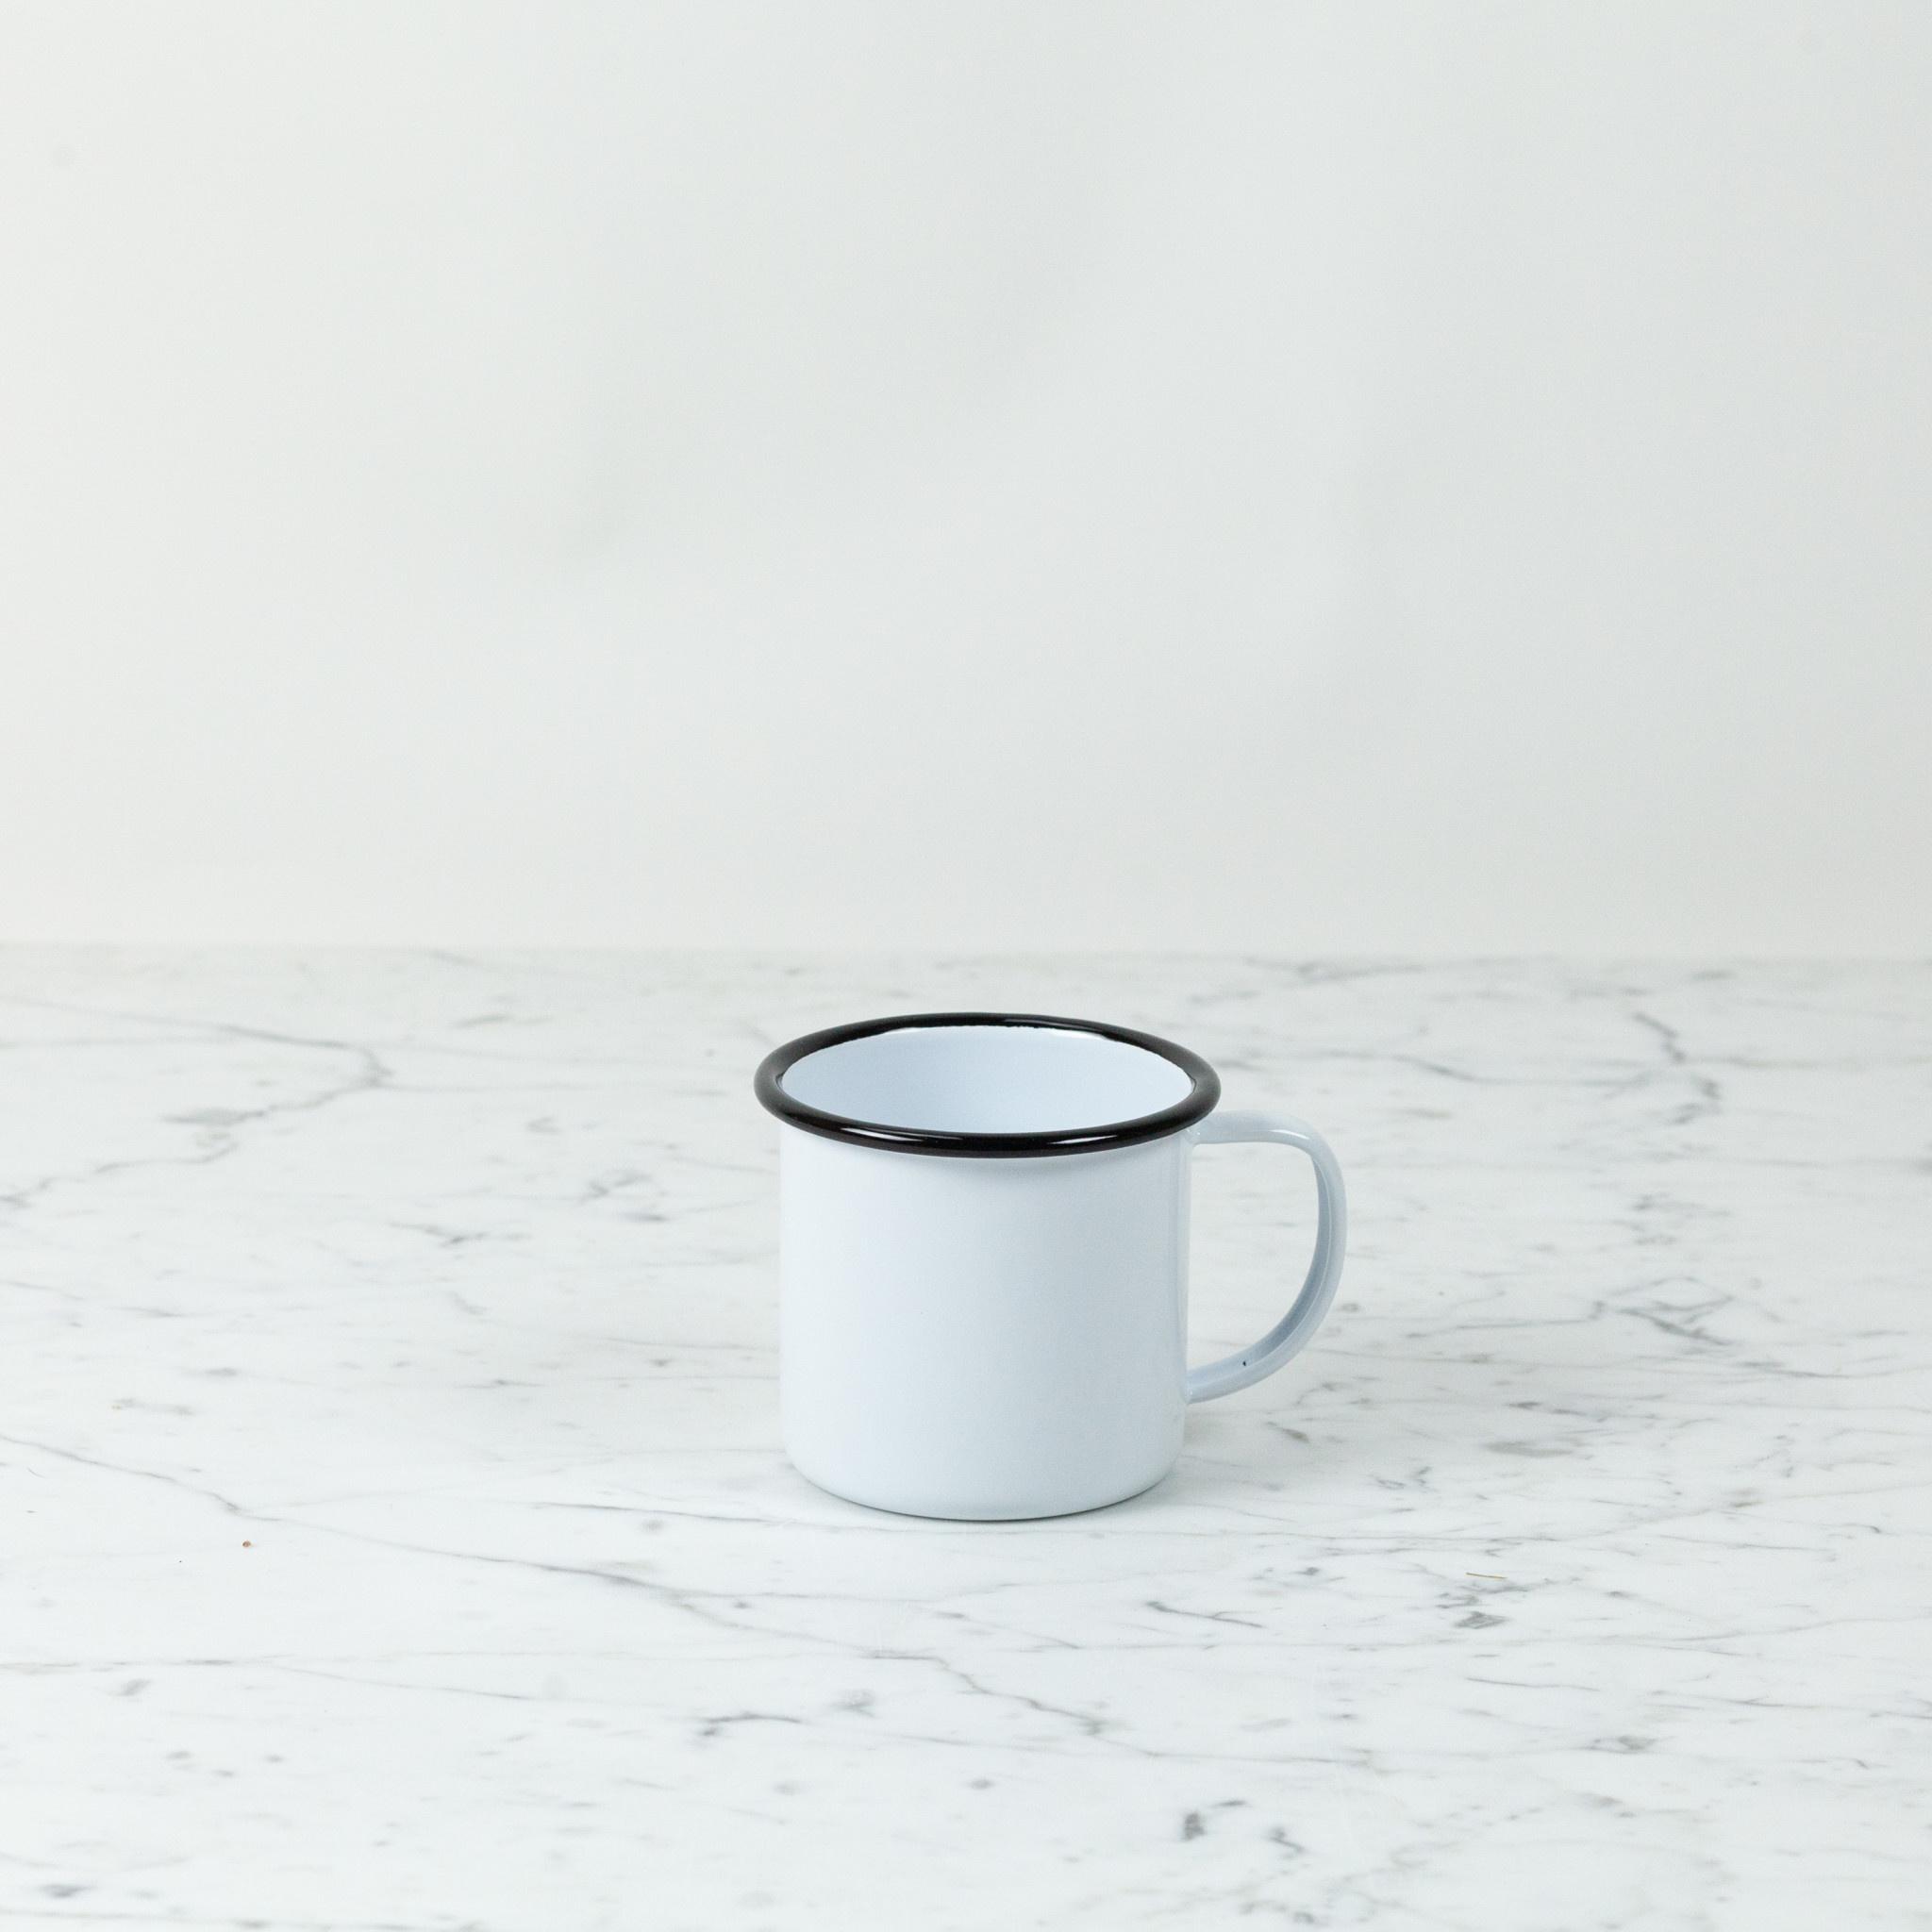 Black + White Enamel Large Mug - 12 oz